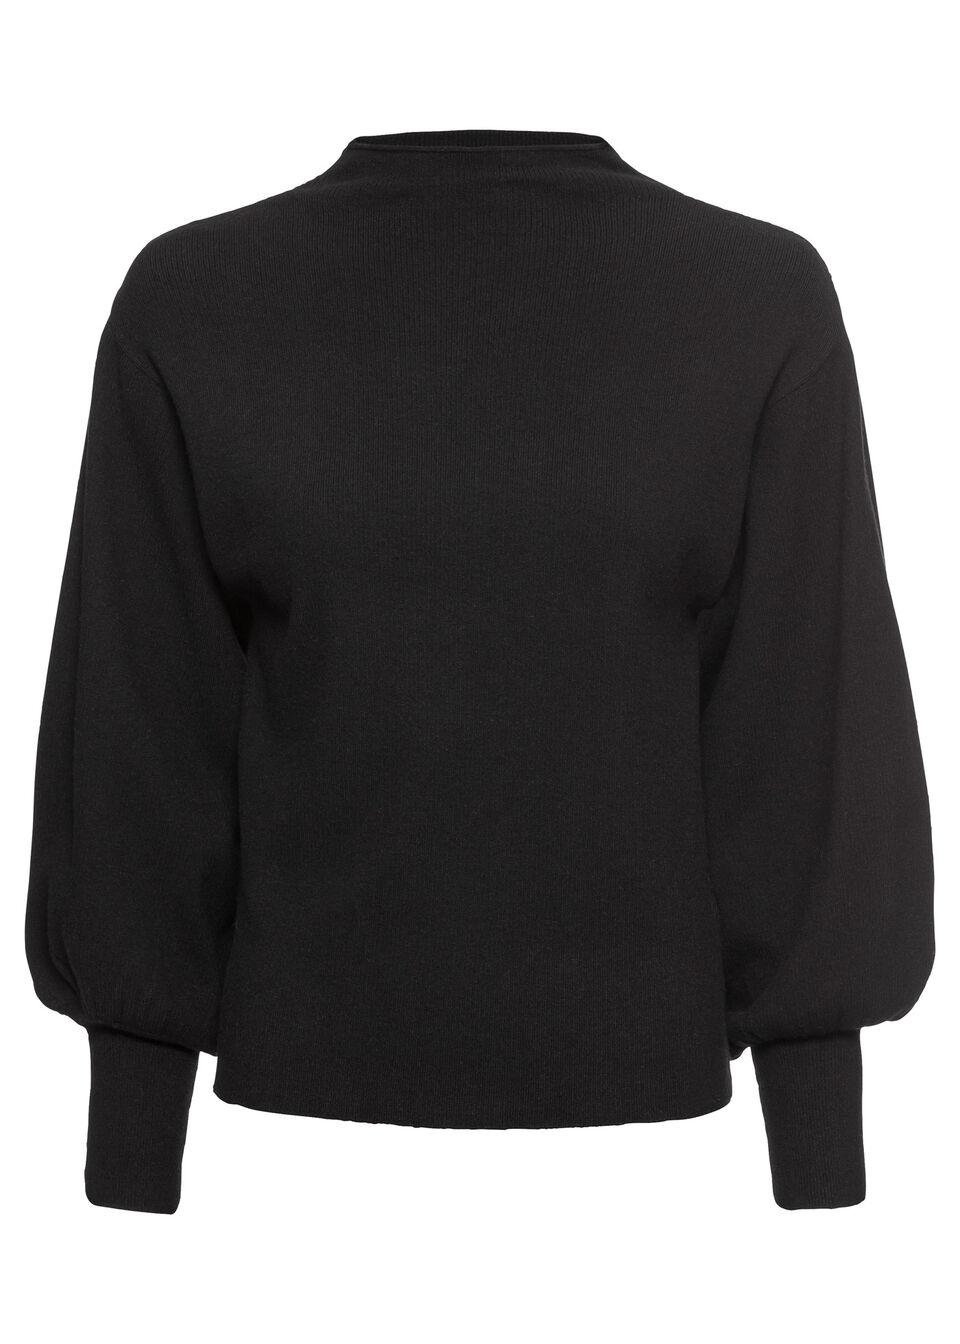 Sweter dzianinowy z balonowymi rękawami bonprix czarny